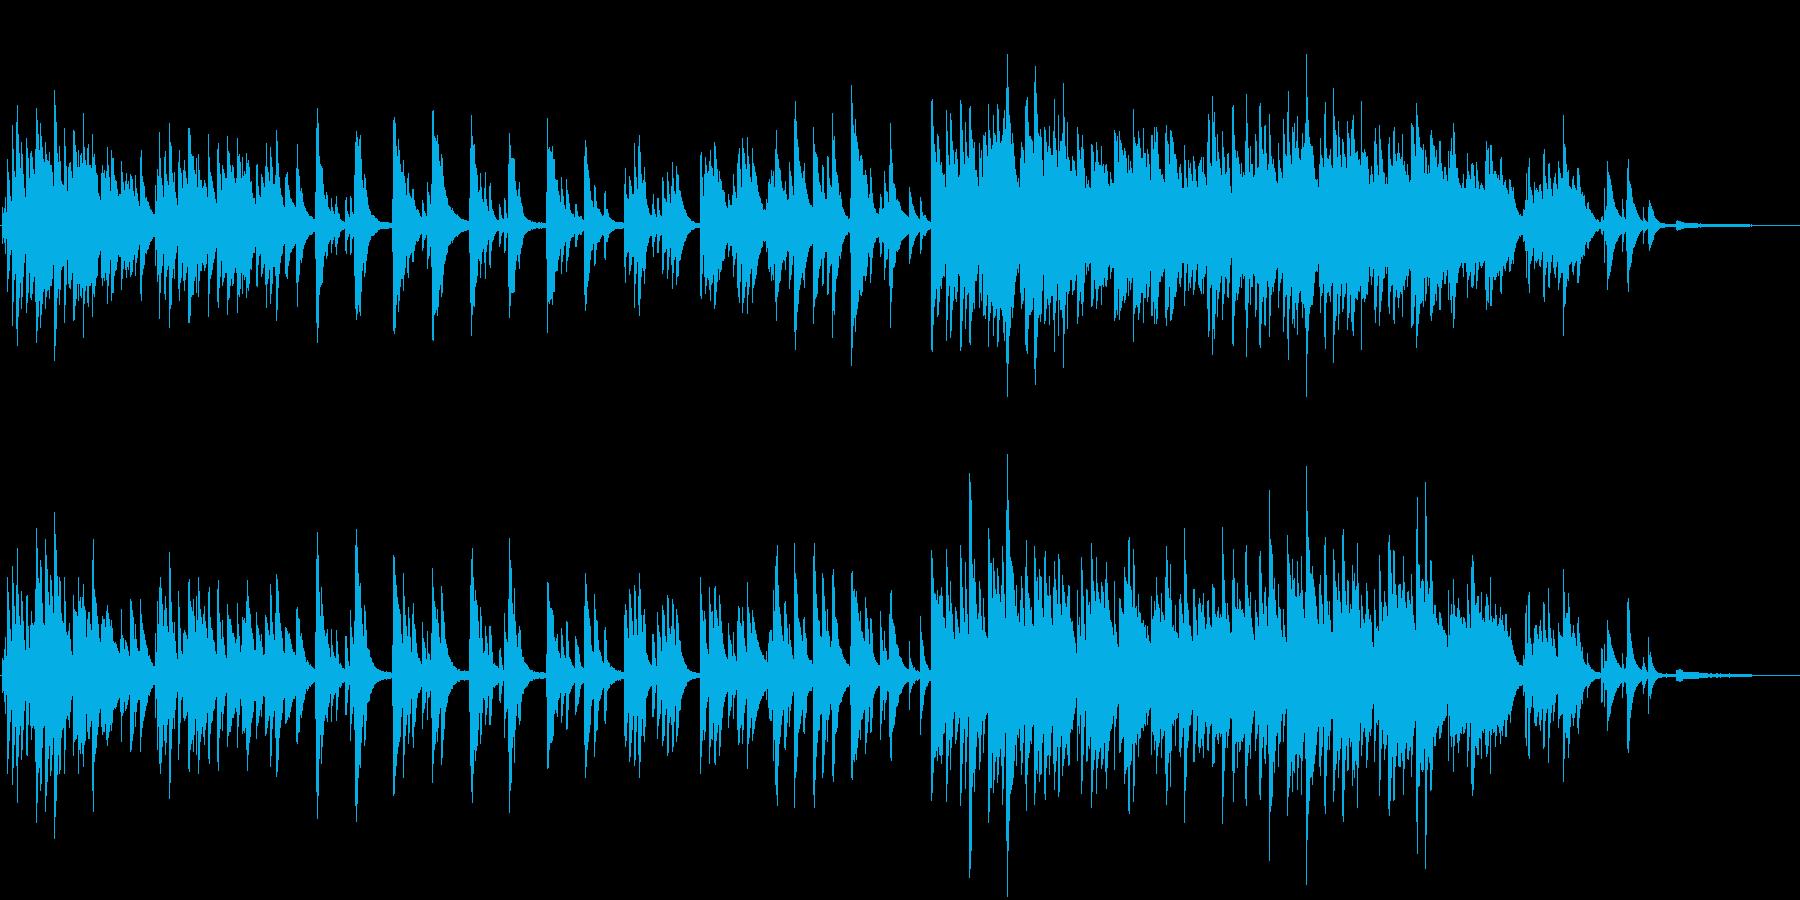 悲しみのシーンをイメージしたピアノ楽曲の再生済みの波形